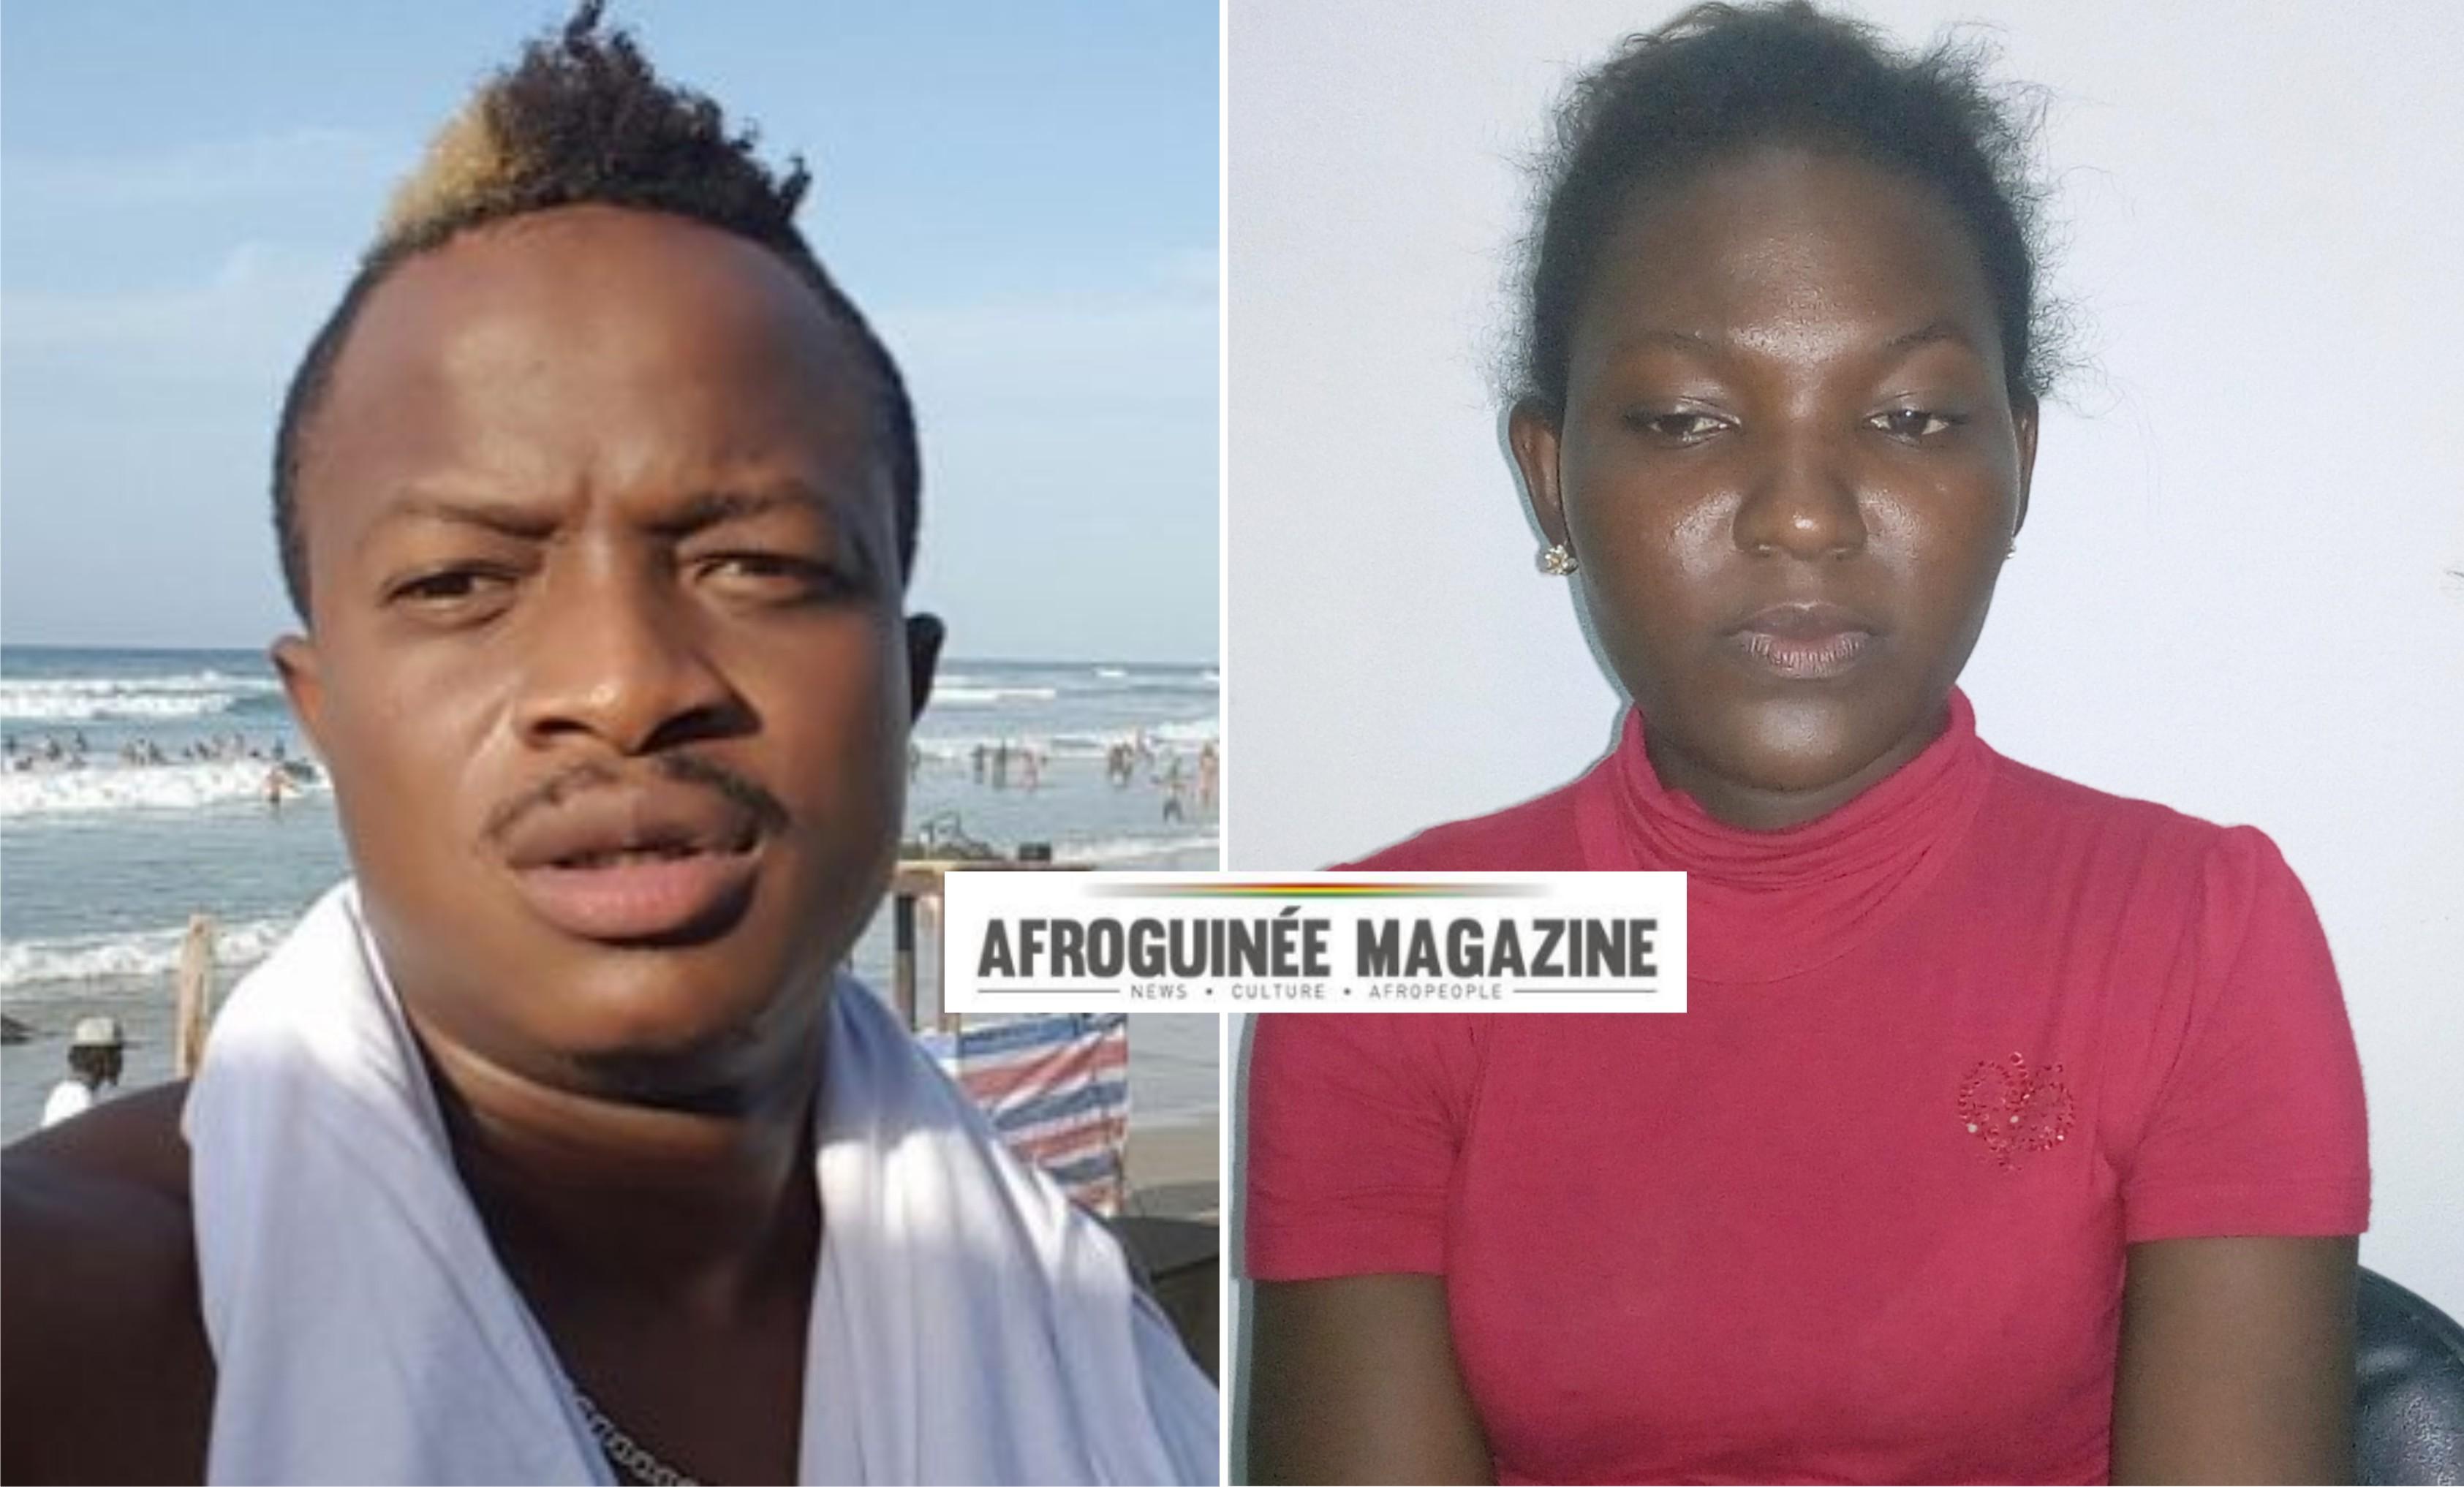 Diaraye : « Marcus ne m'a pas violé. J'ai menti sur lui » (Exclusif)